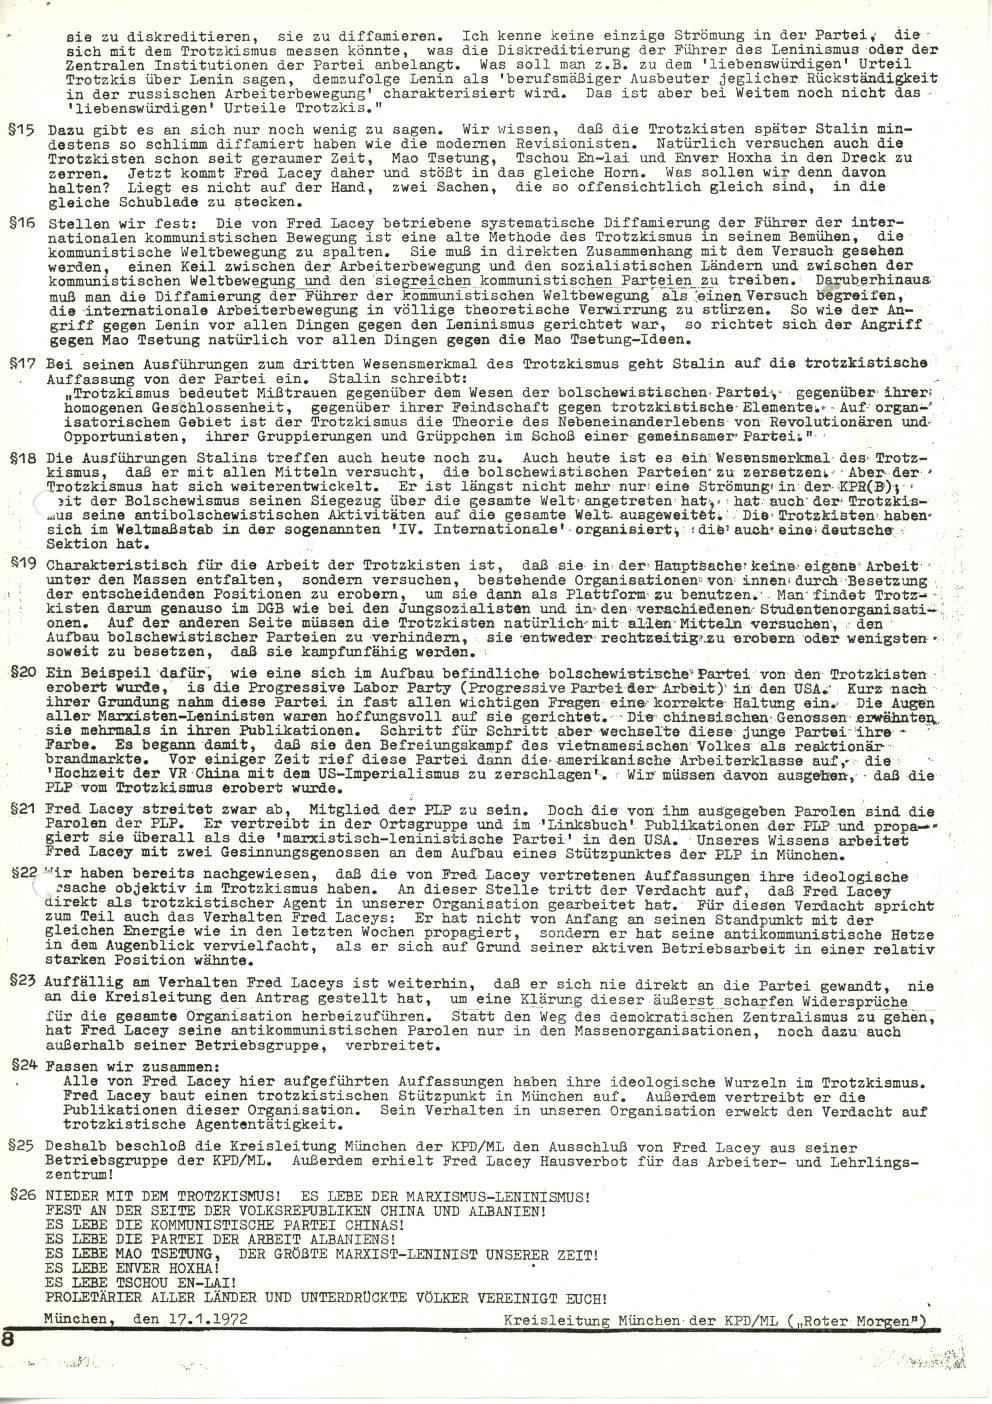 Muenchen_1972_Offener_Brief_an_die_KPDML_08